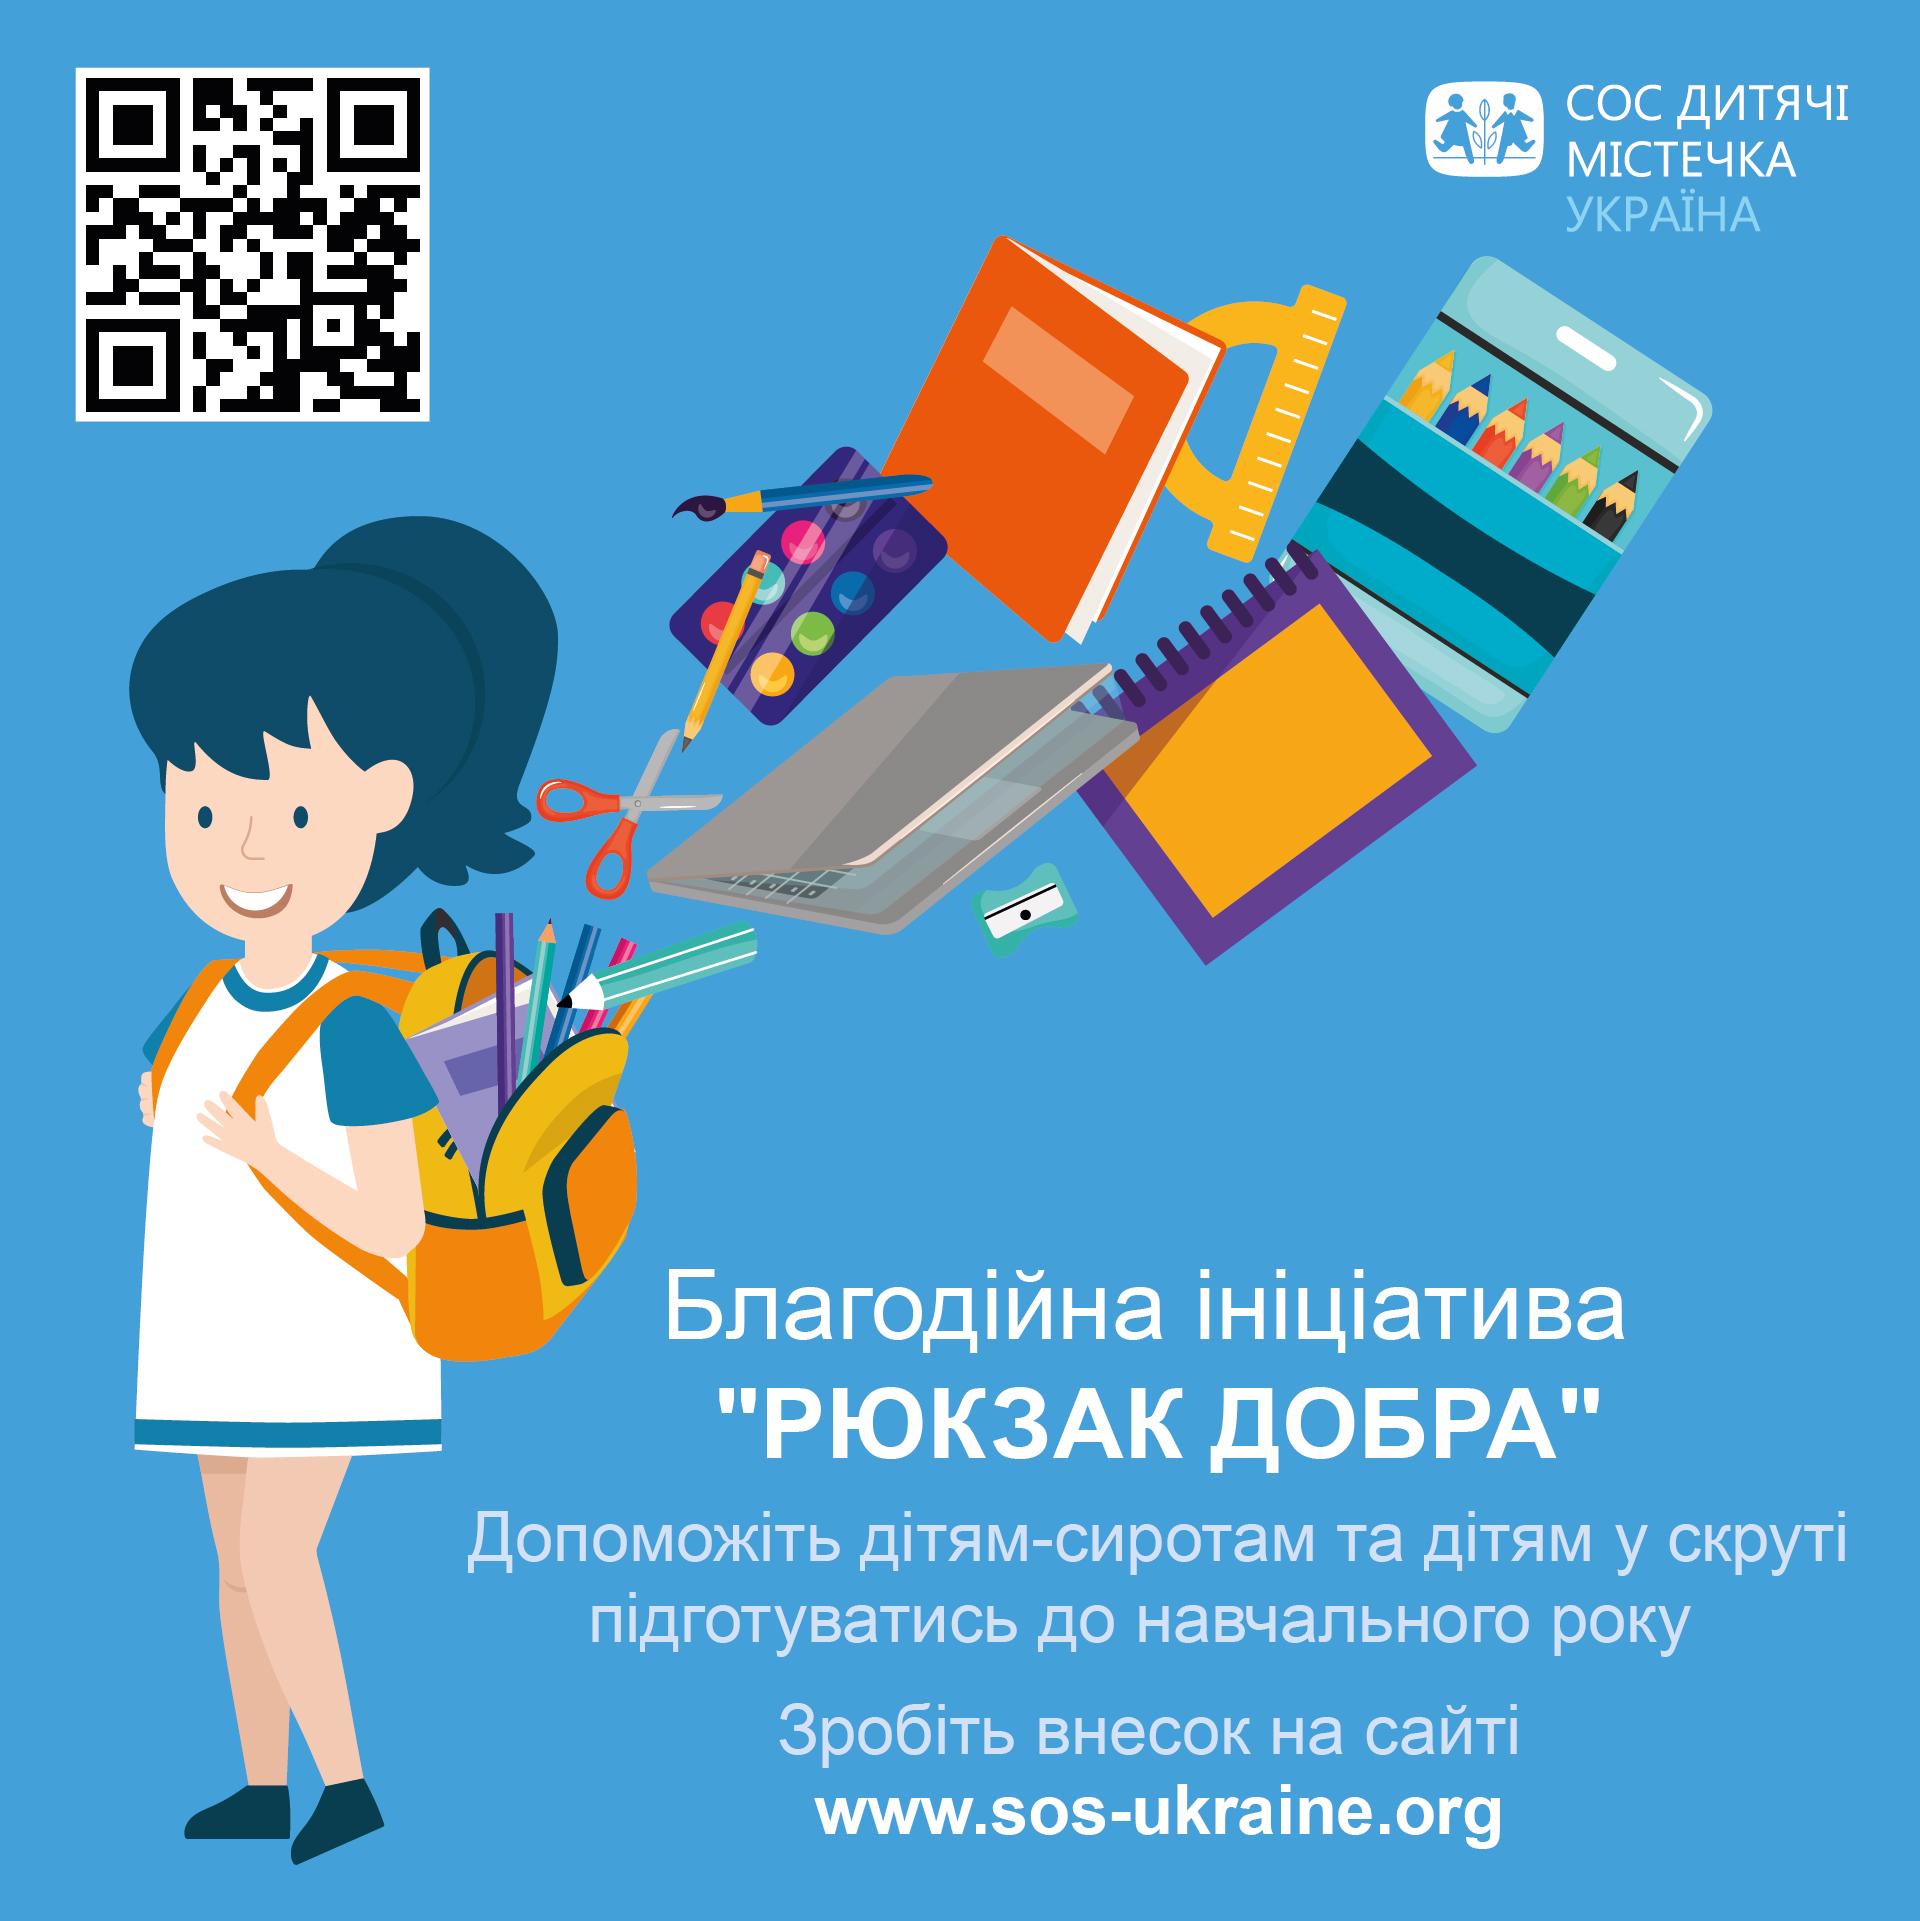 """Благодійна ініціатива """"Рюкзак добра"""" – допоможіть дітям-сиротам та дітям у скруті підготуватись до школи"""